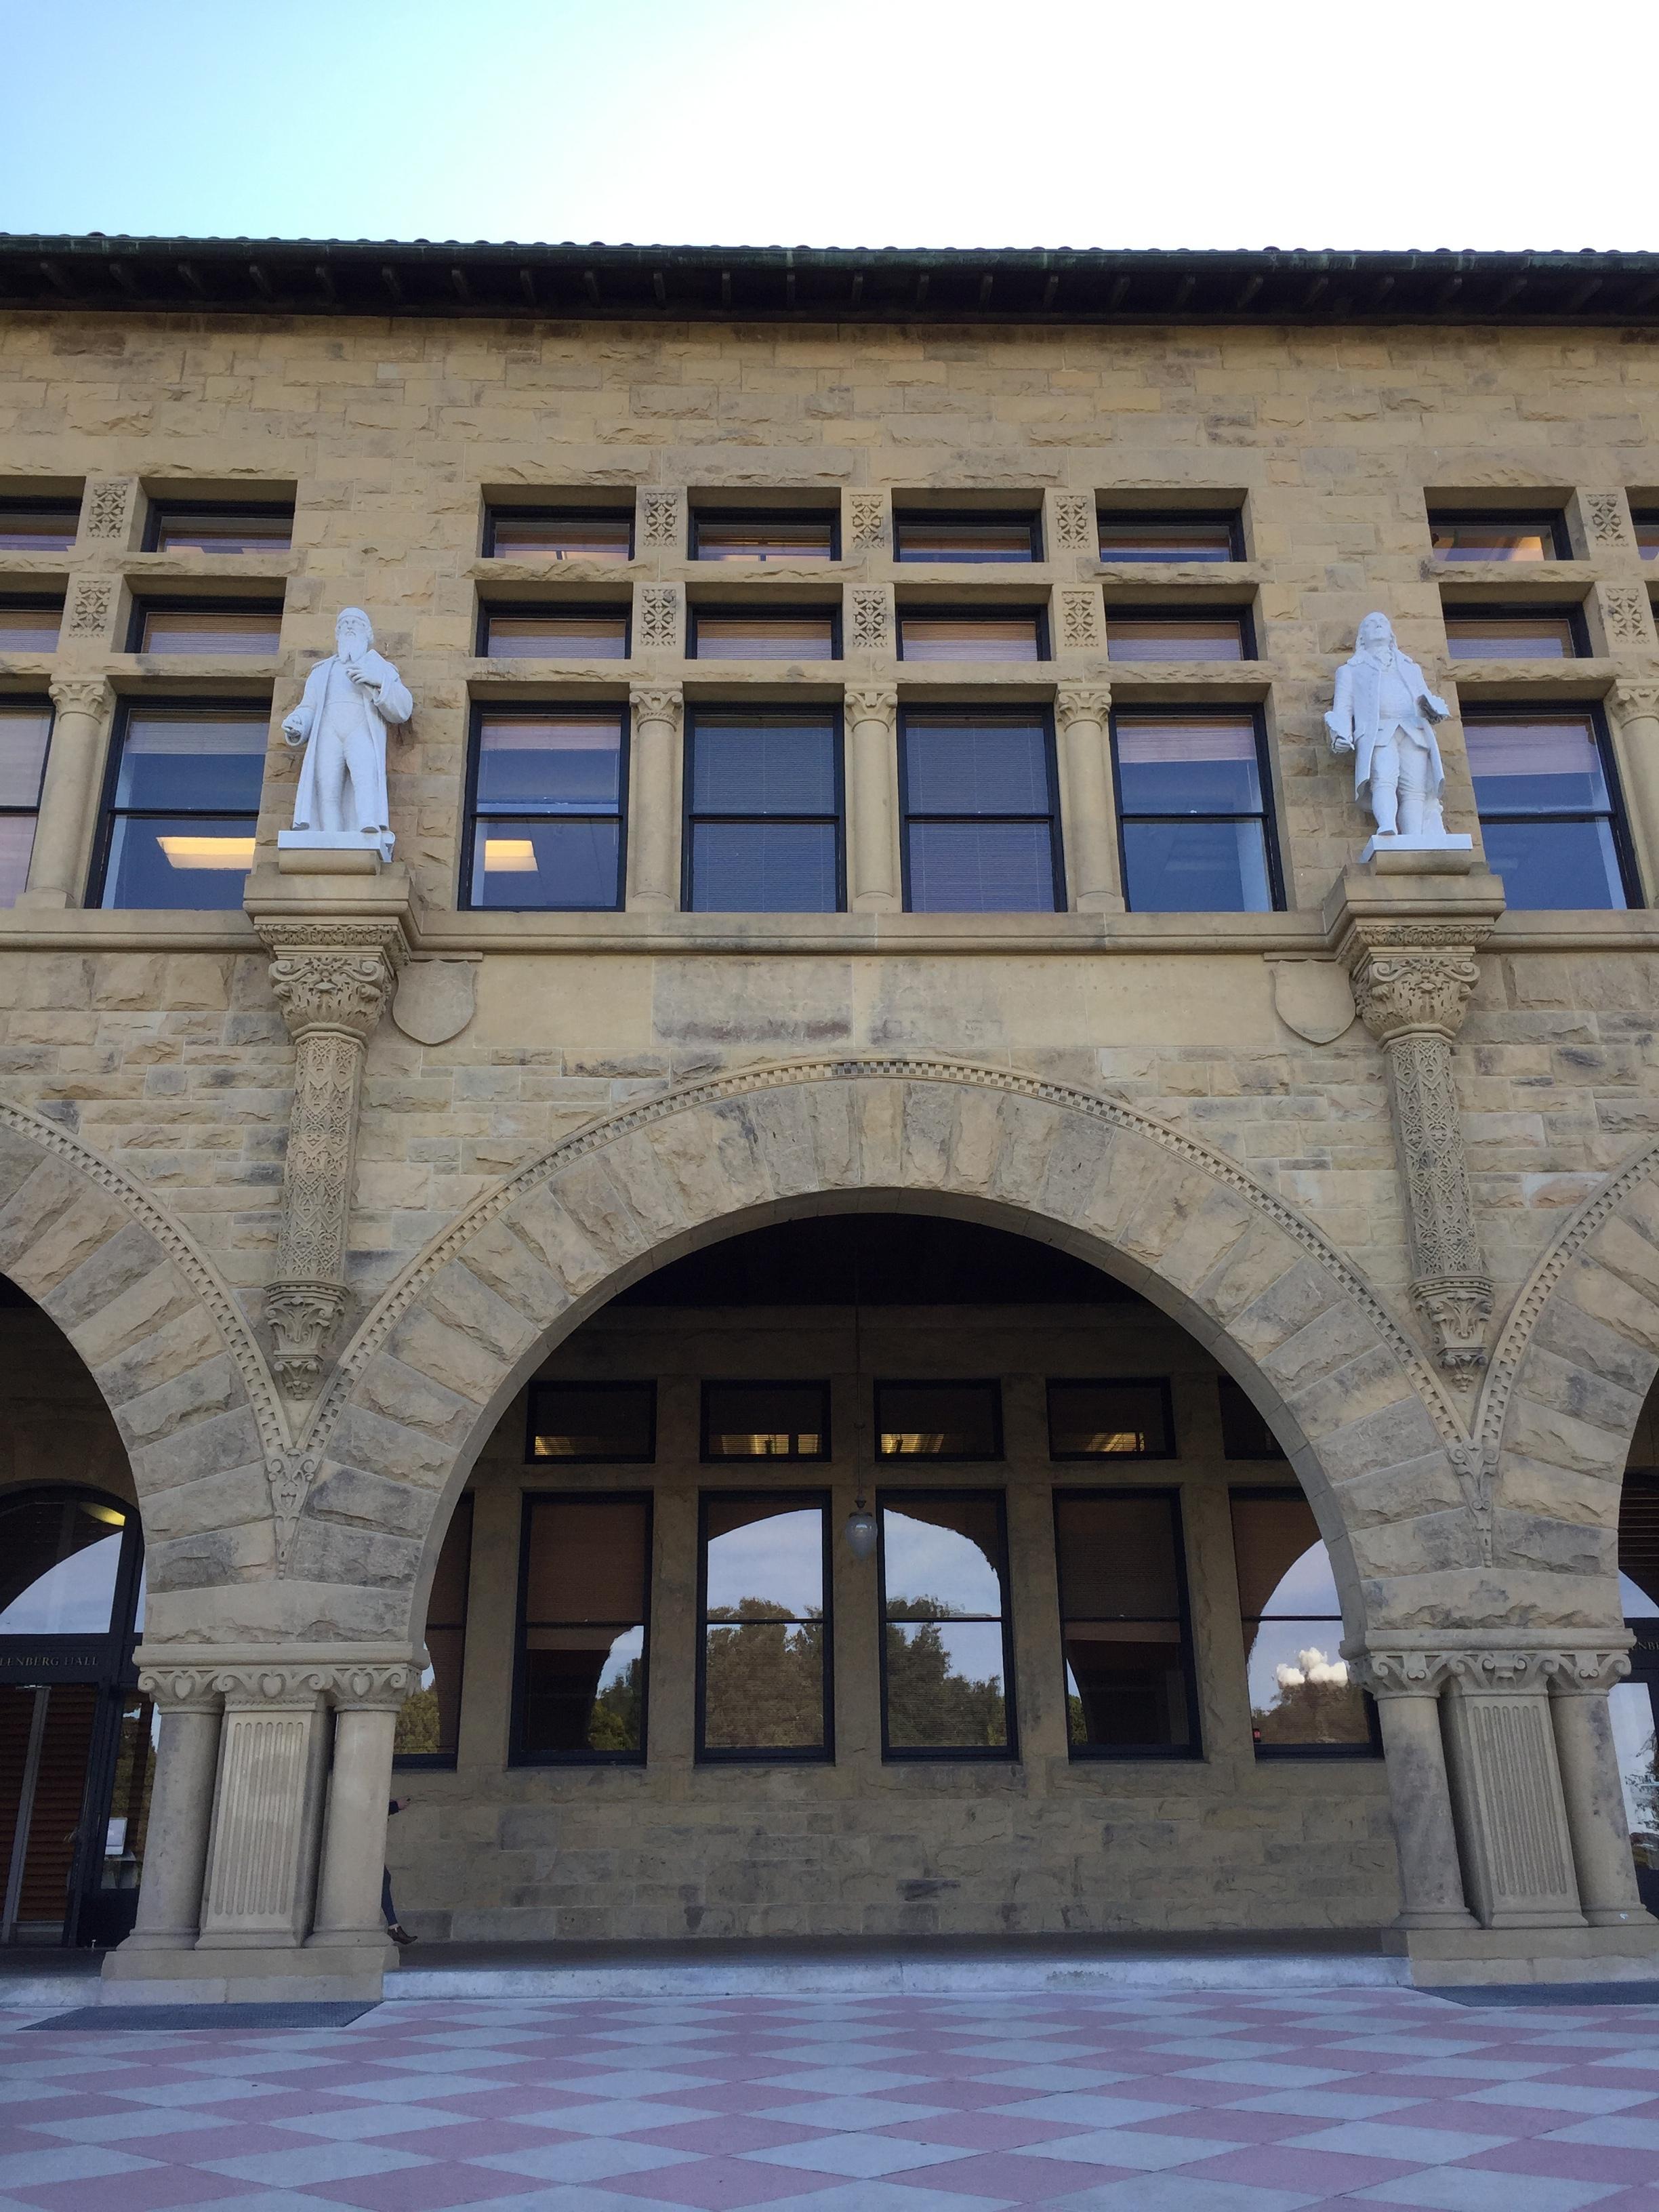 Jordan Hall